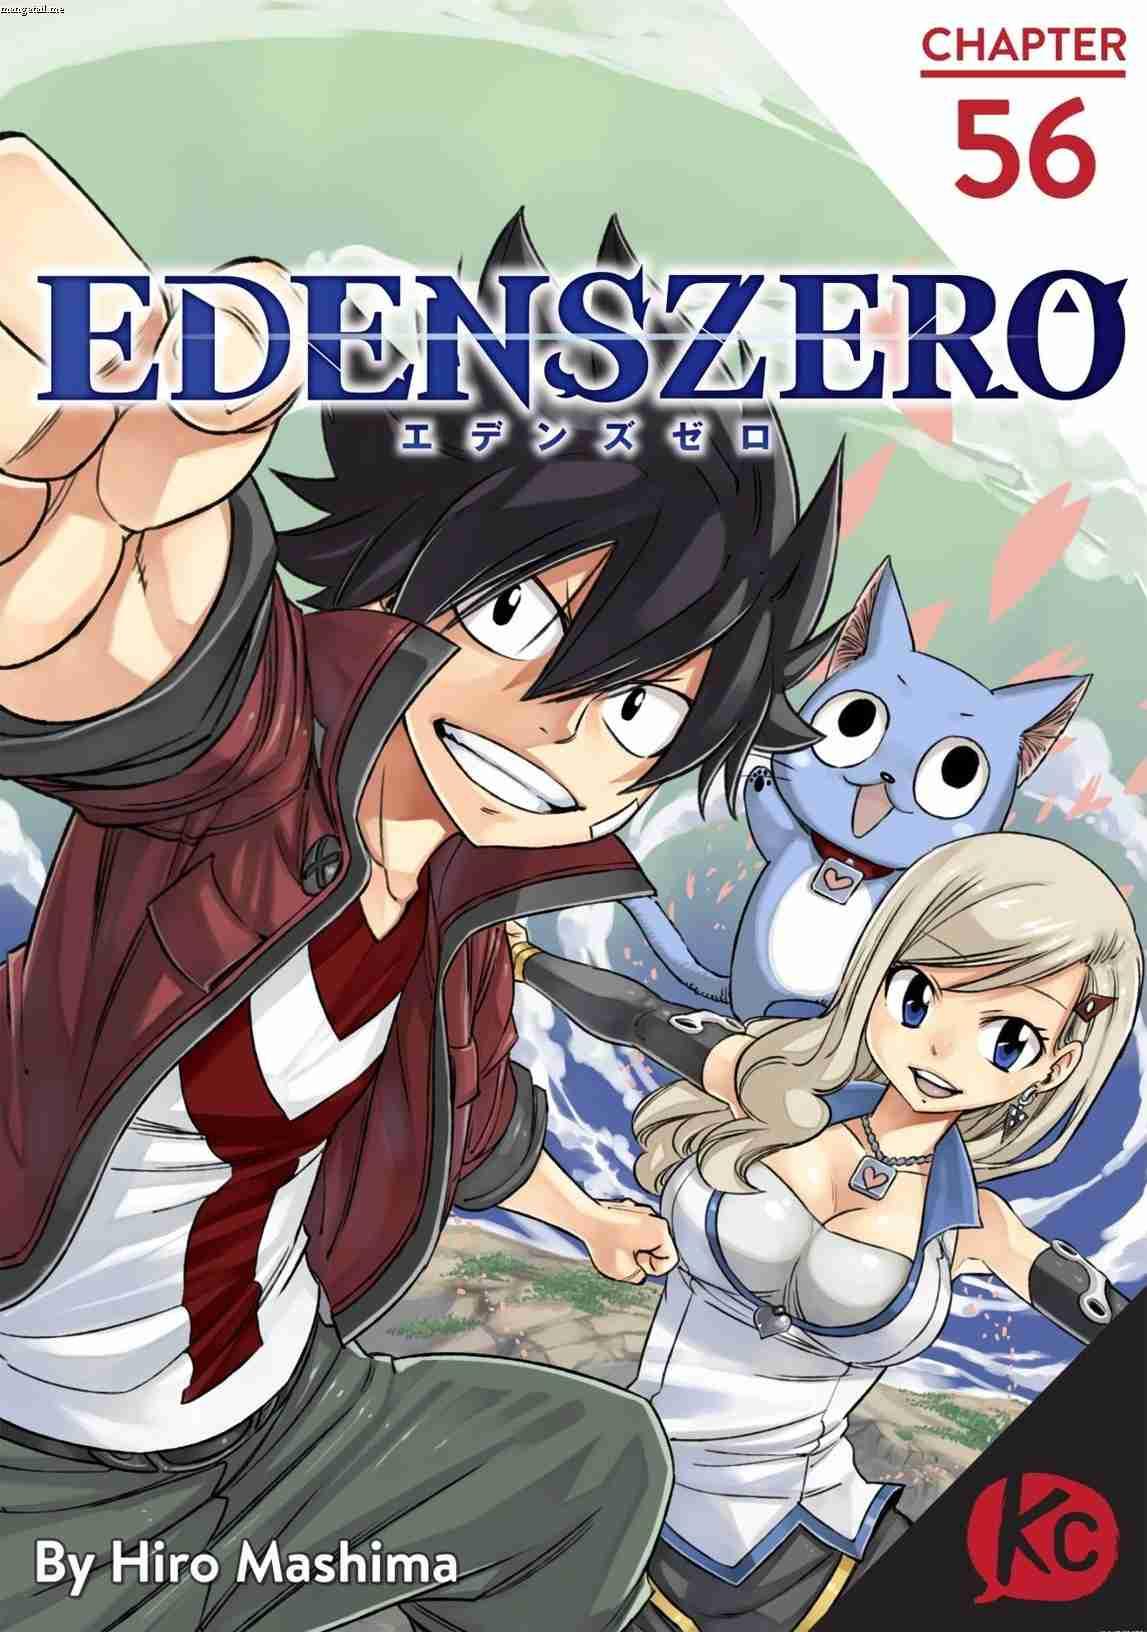 https://manga.mangadogs.com/comics/pic2/28/21852/808031/37086104cef13b38ab3f950584b6929c.jpg Page 1